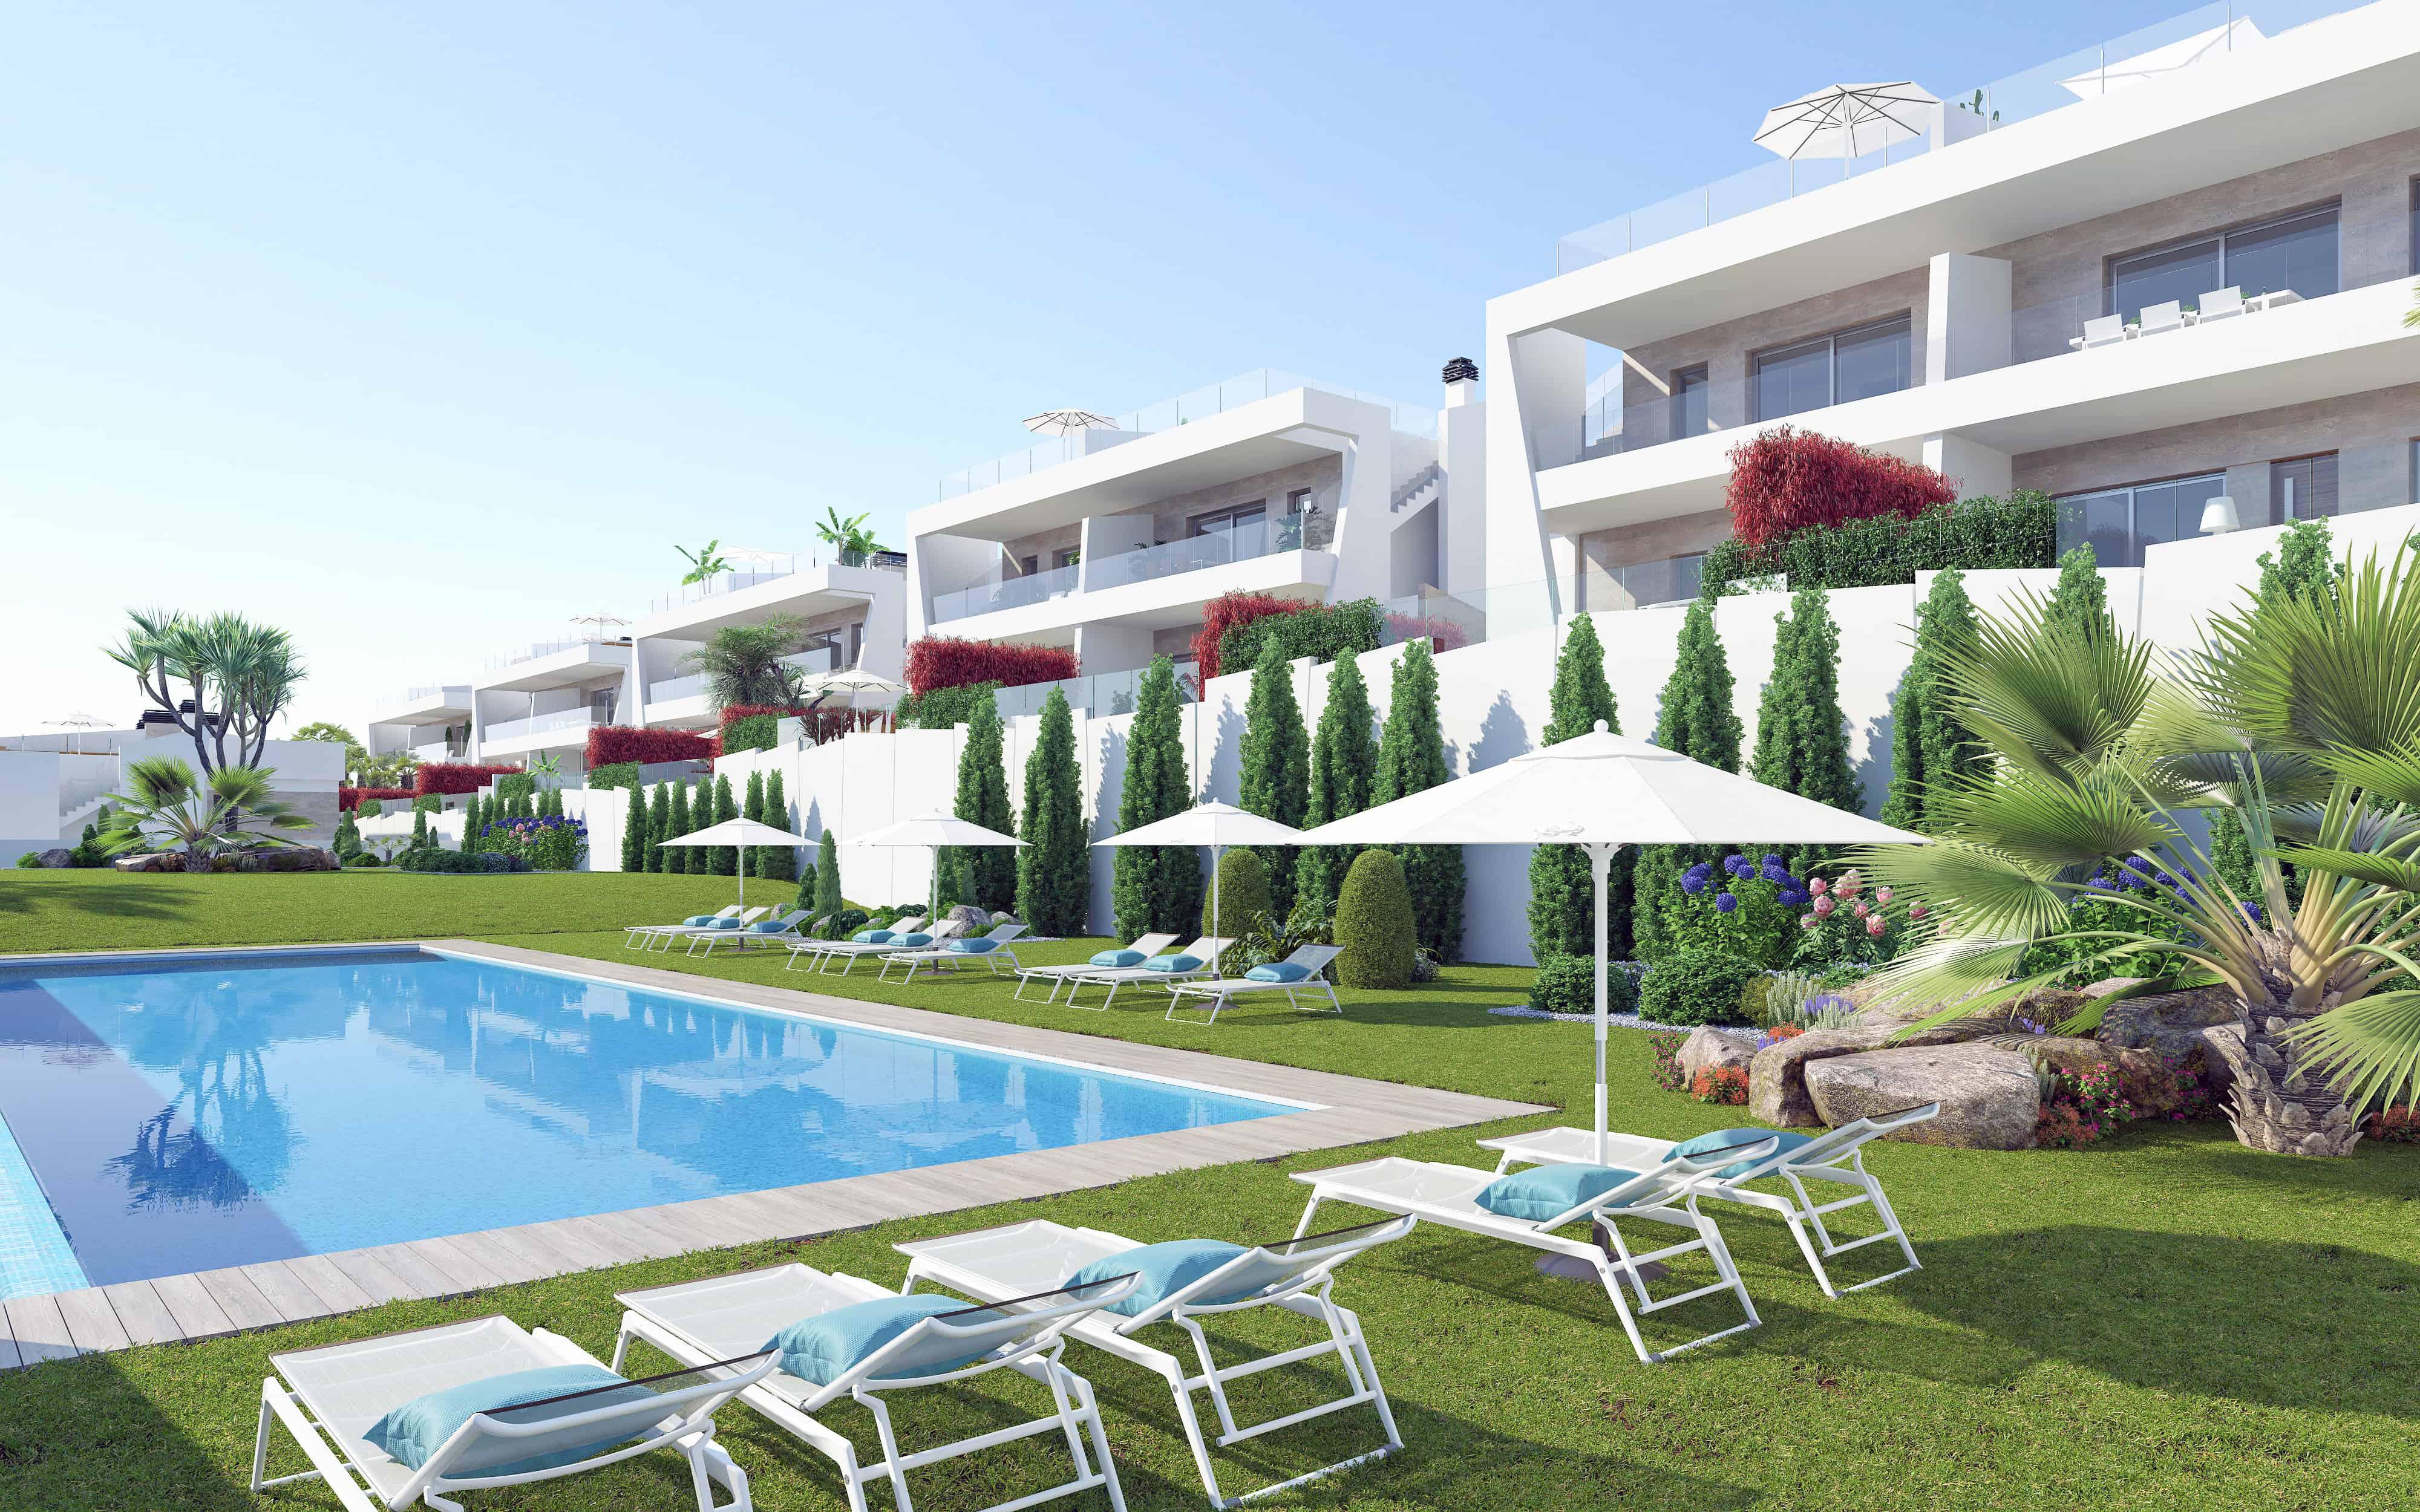 Nieuwbouw Villa Te koop in Orihuela in Spanje, gelegen aan de Costa Blanca-Zuid